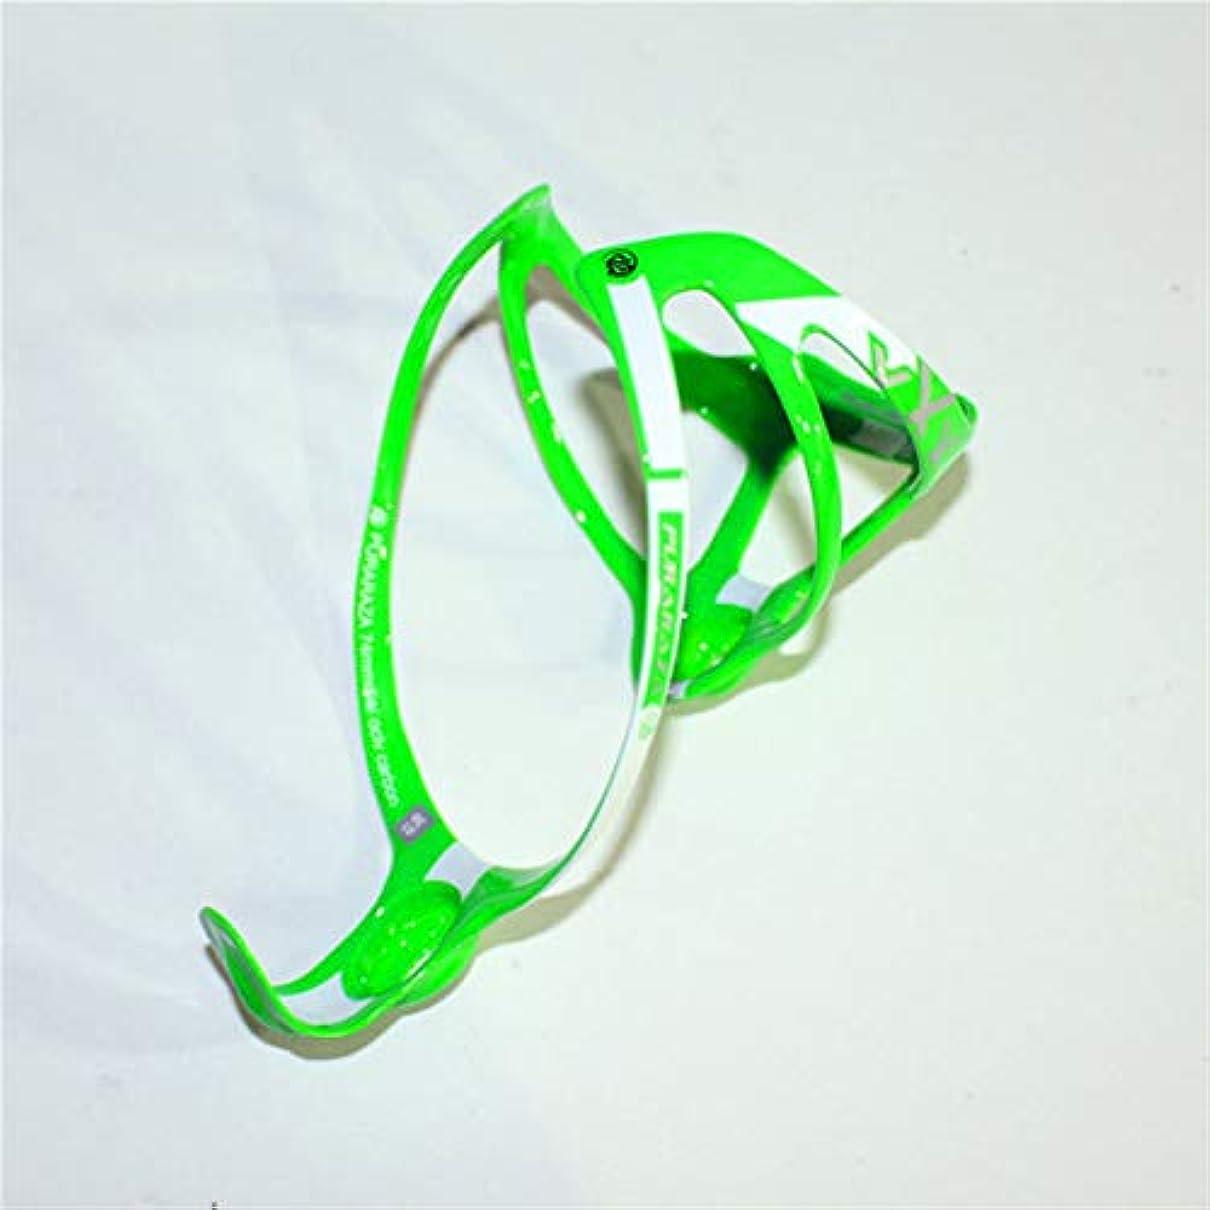 記念品スクランブル靴PuraRazaケトルラックカーボンファイバーマウンテンバイクロード快適な車両自転車-グリーン